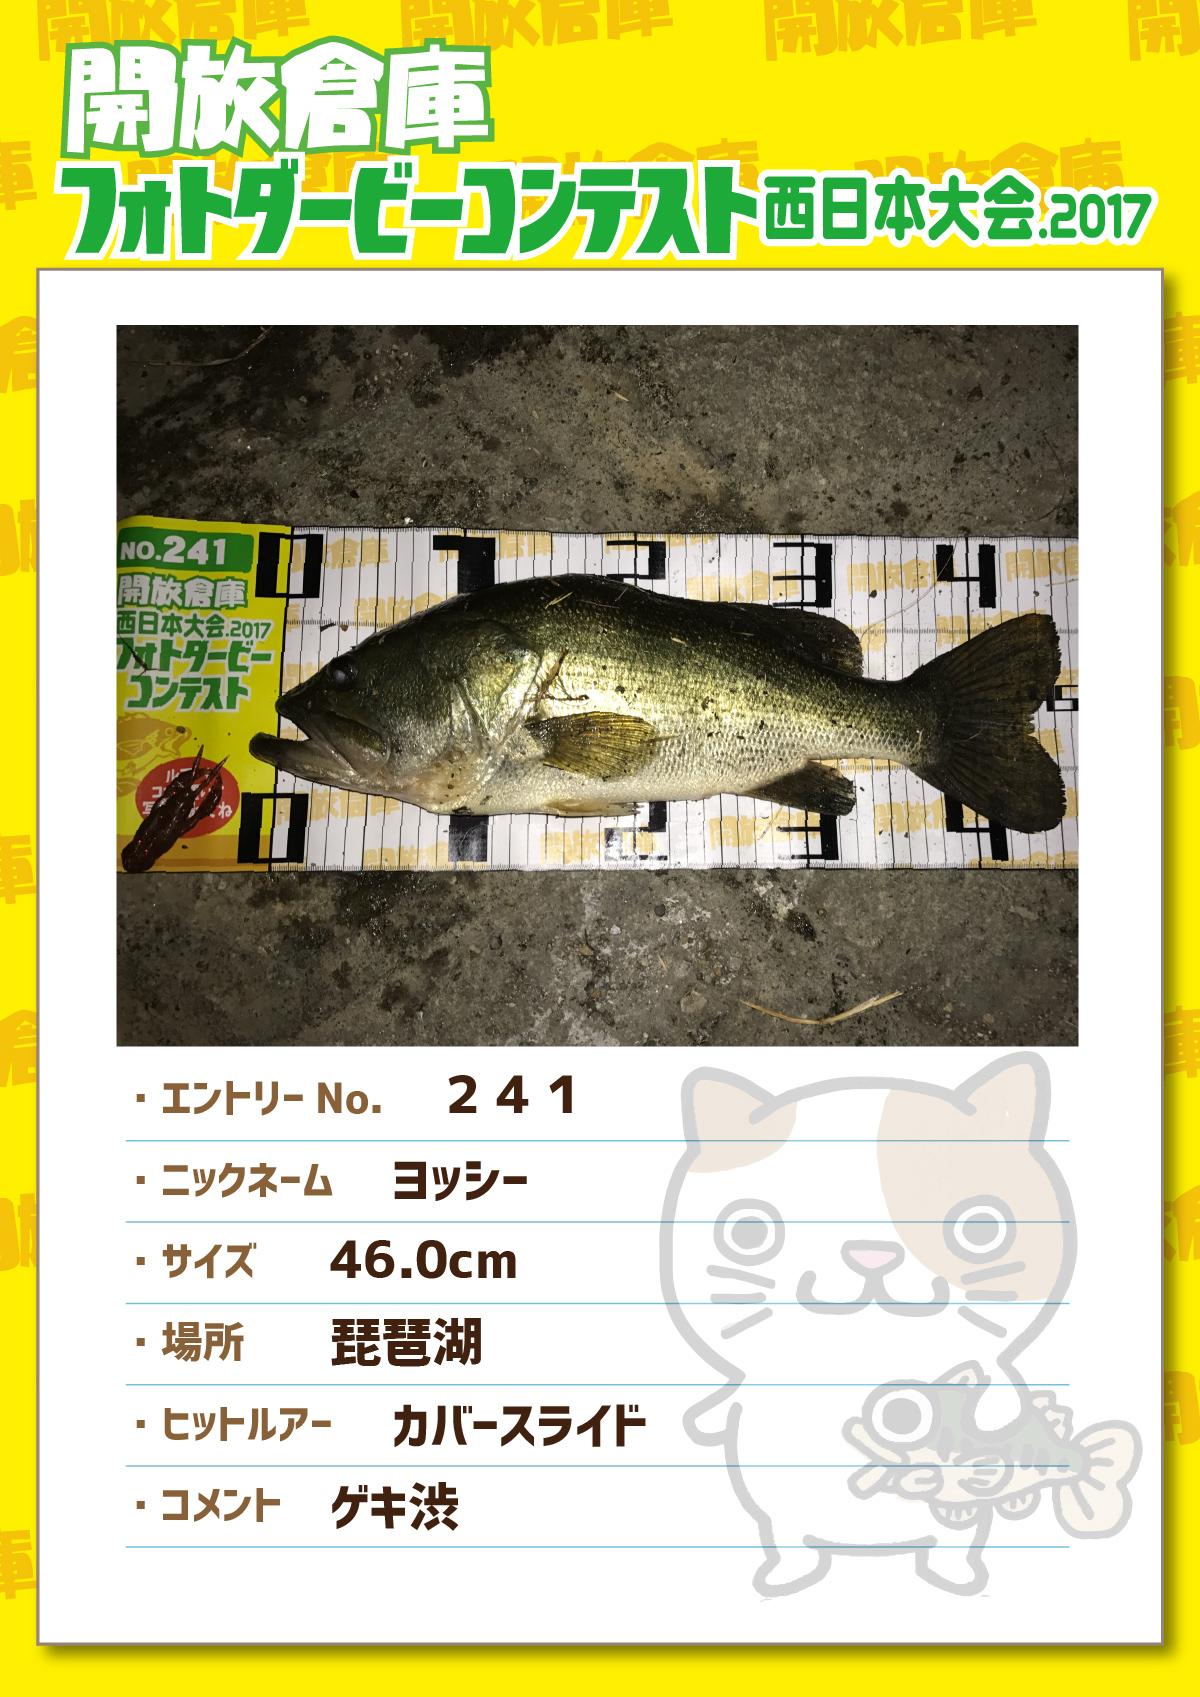 No.241 ヨッシー 46.0cm 琵琶湖 カバースライド ゲキ渋